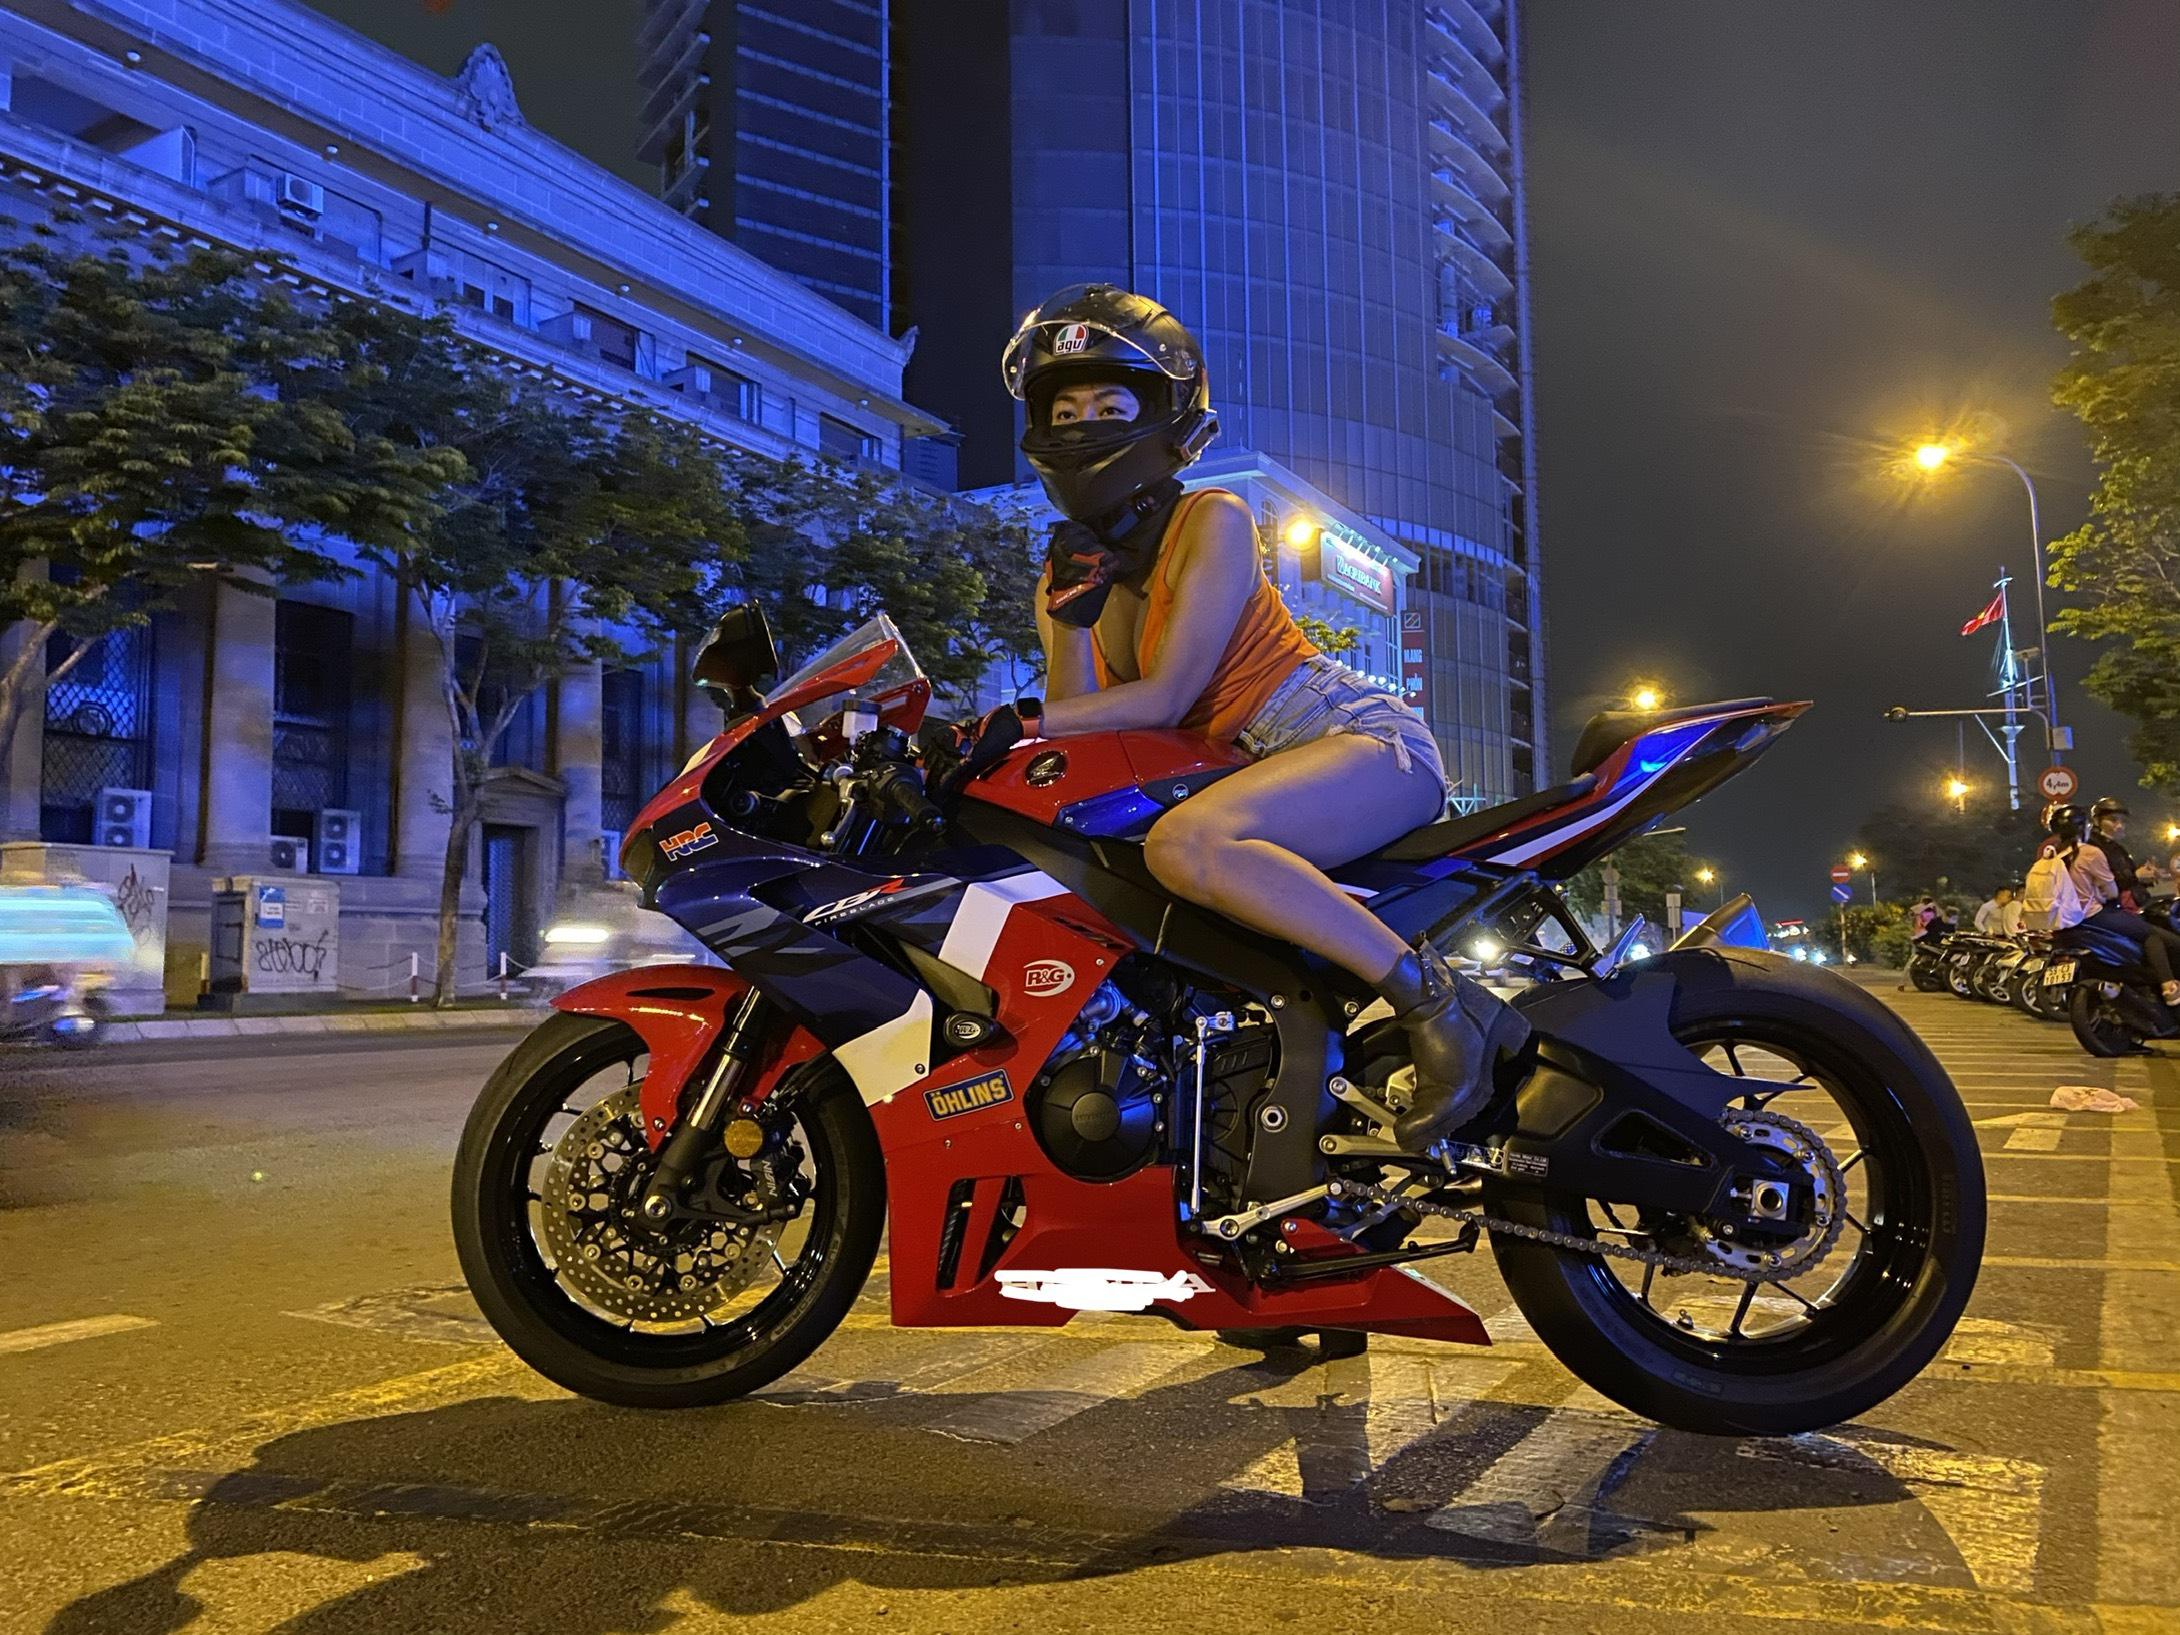 Nữ biker Diễm Trần xinh đẹp hớp hồn cánh mày râu, lại đa tài hiếm có - Ảnh 2.